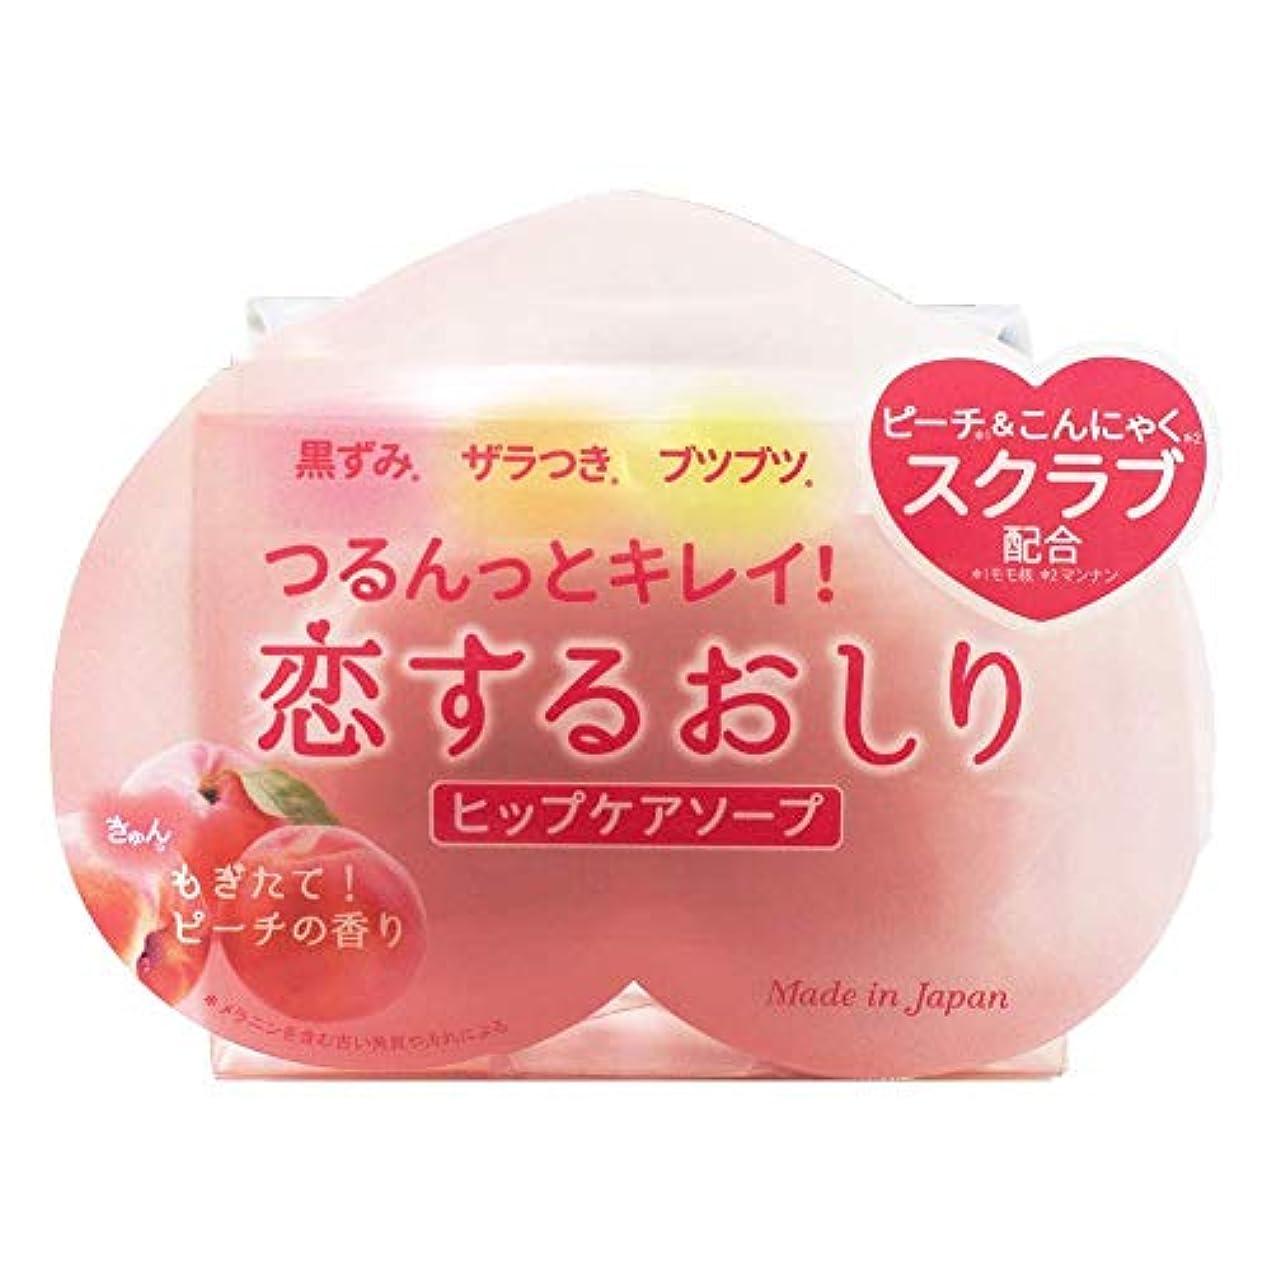 診療所端末旧正月【まとめ買い】ペリカン石鹸 恋するおしり ヒップケアソープ 80g×3個